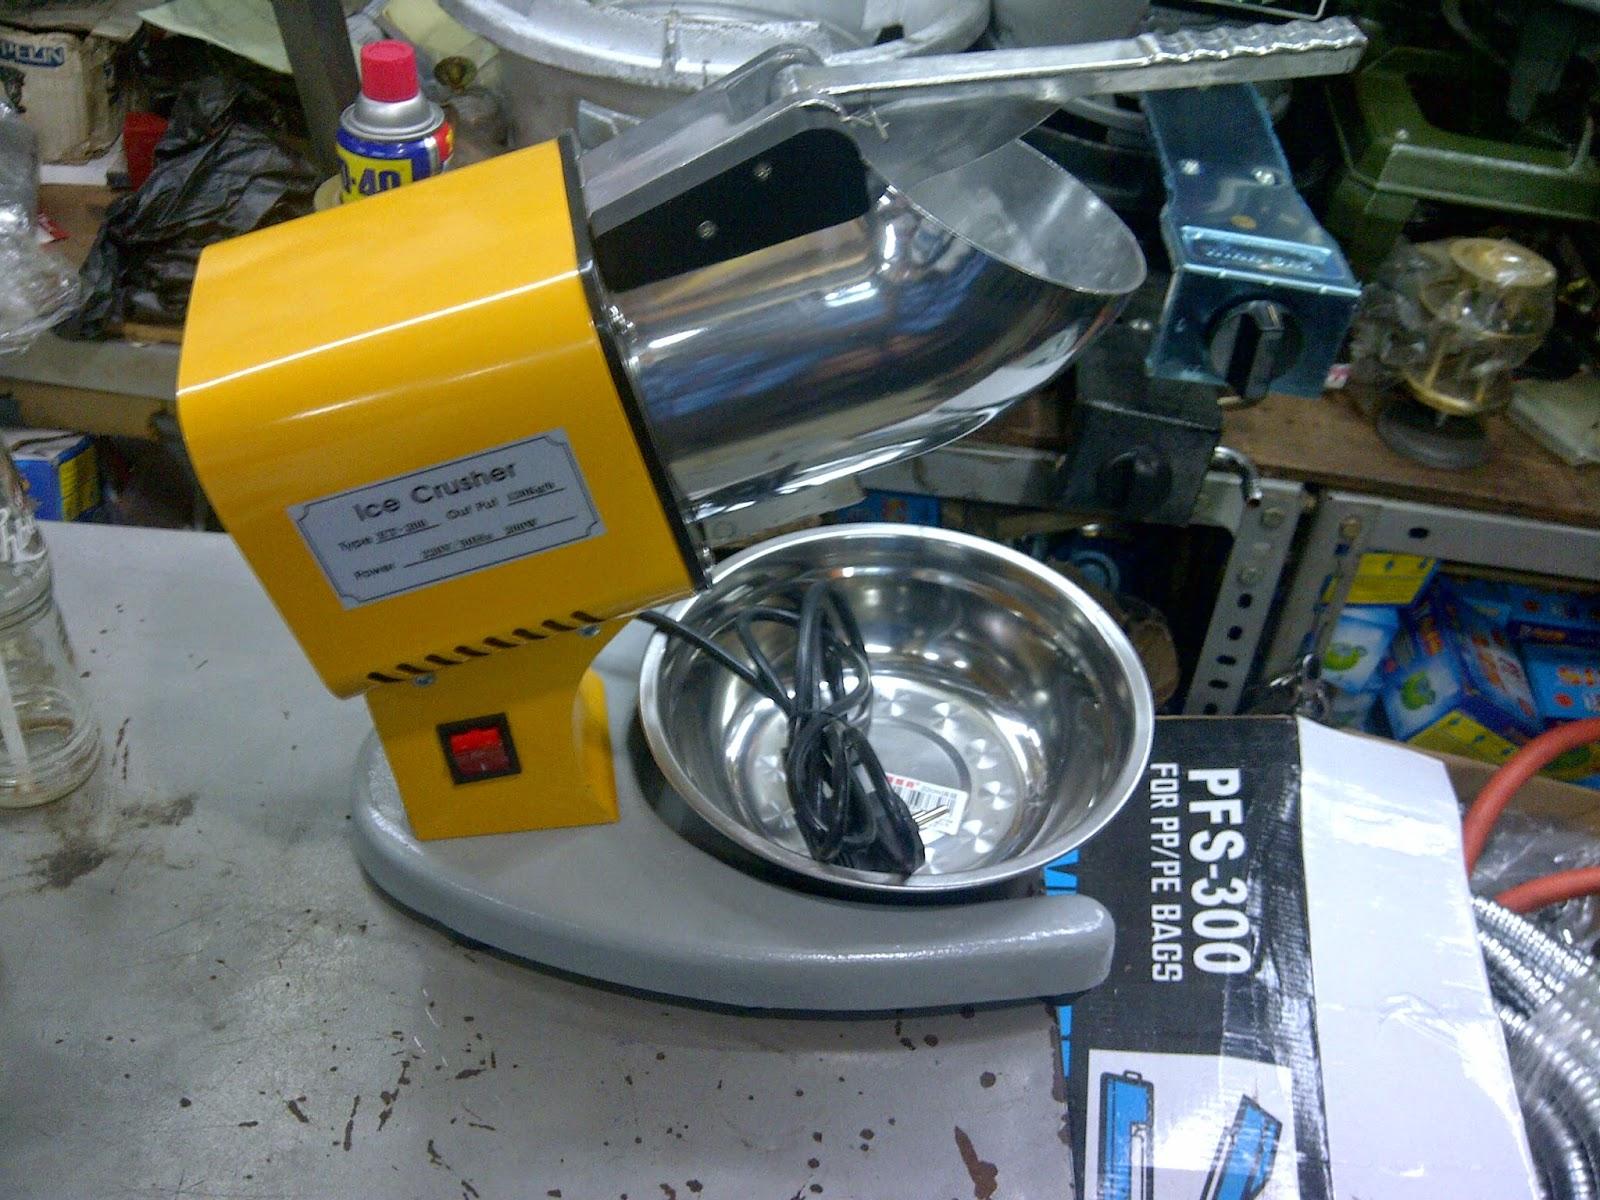 serutan es campur manual pisau baja dan kayu jati pilihan